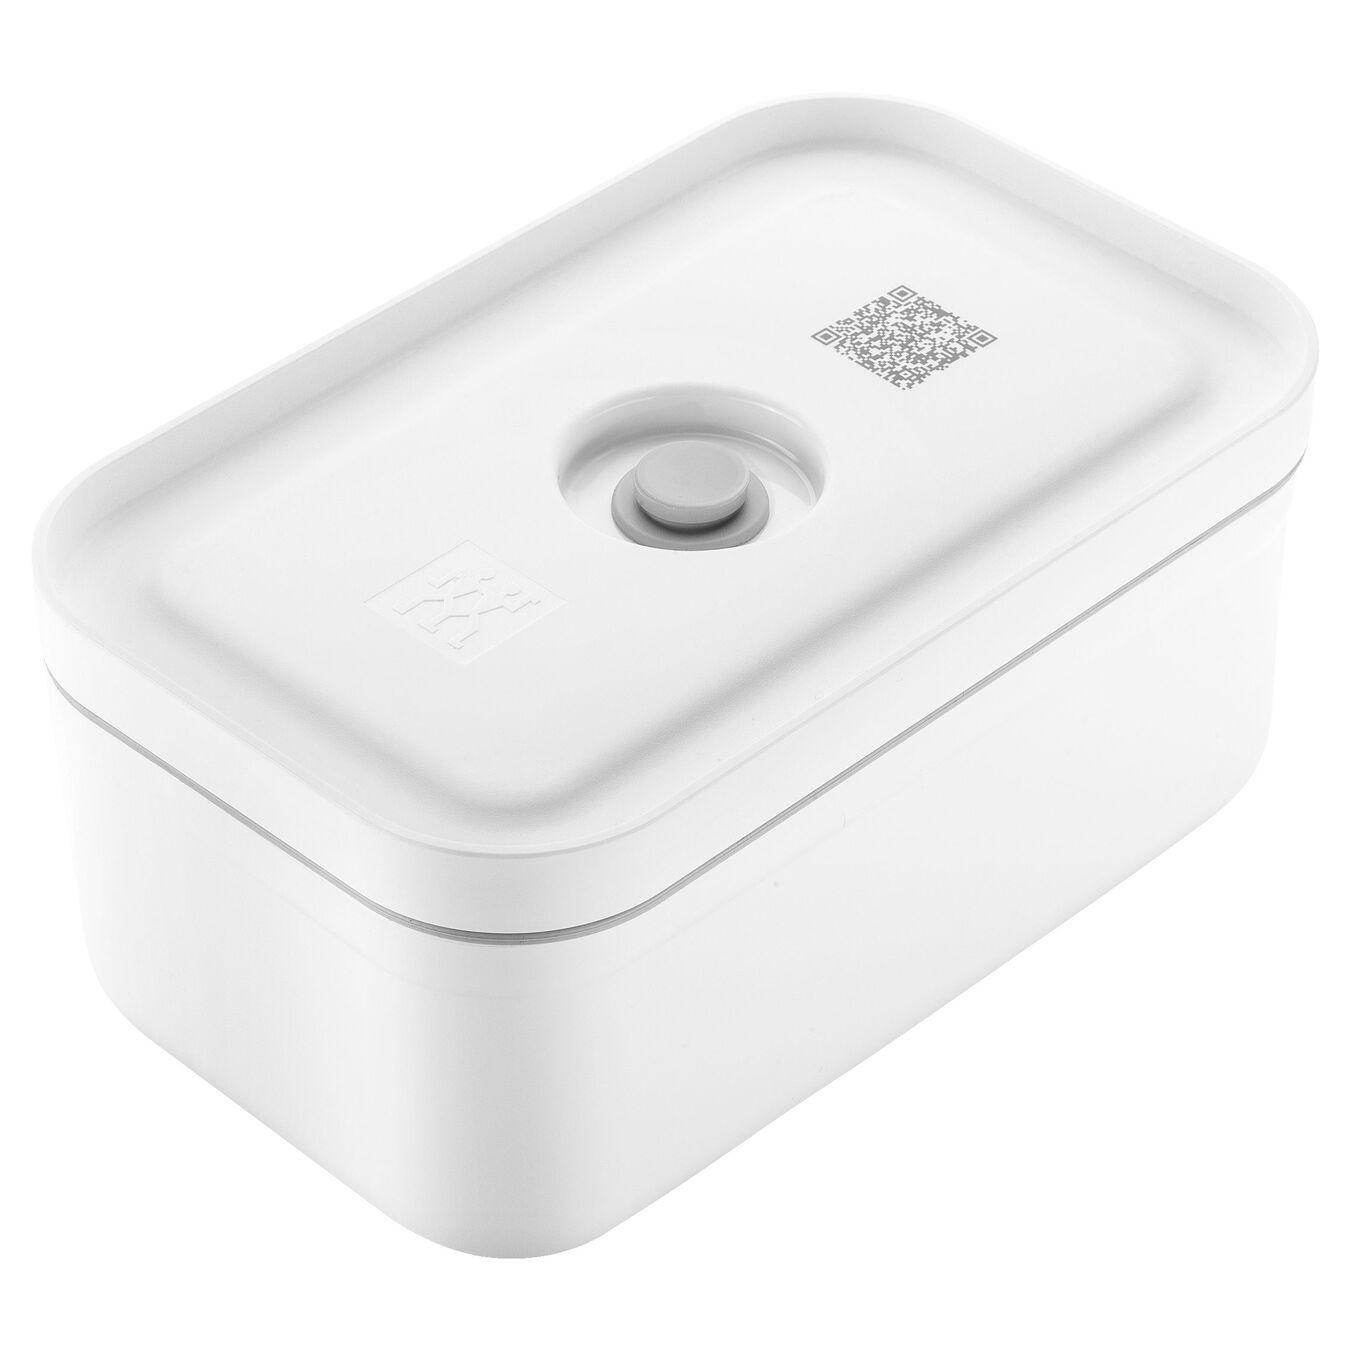 medium Vacuum lunch box, Plastic, white,,large 1